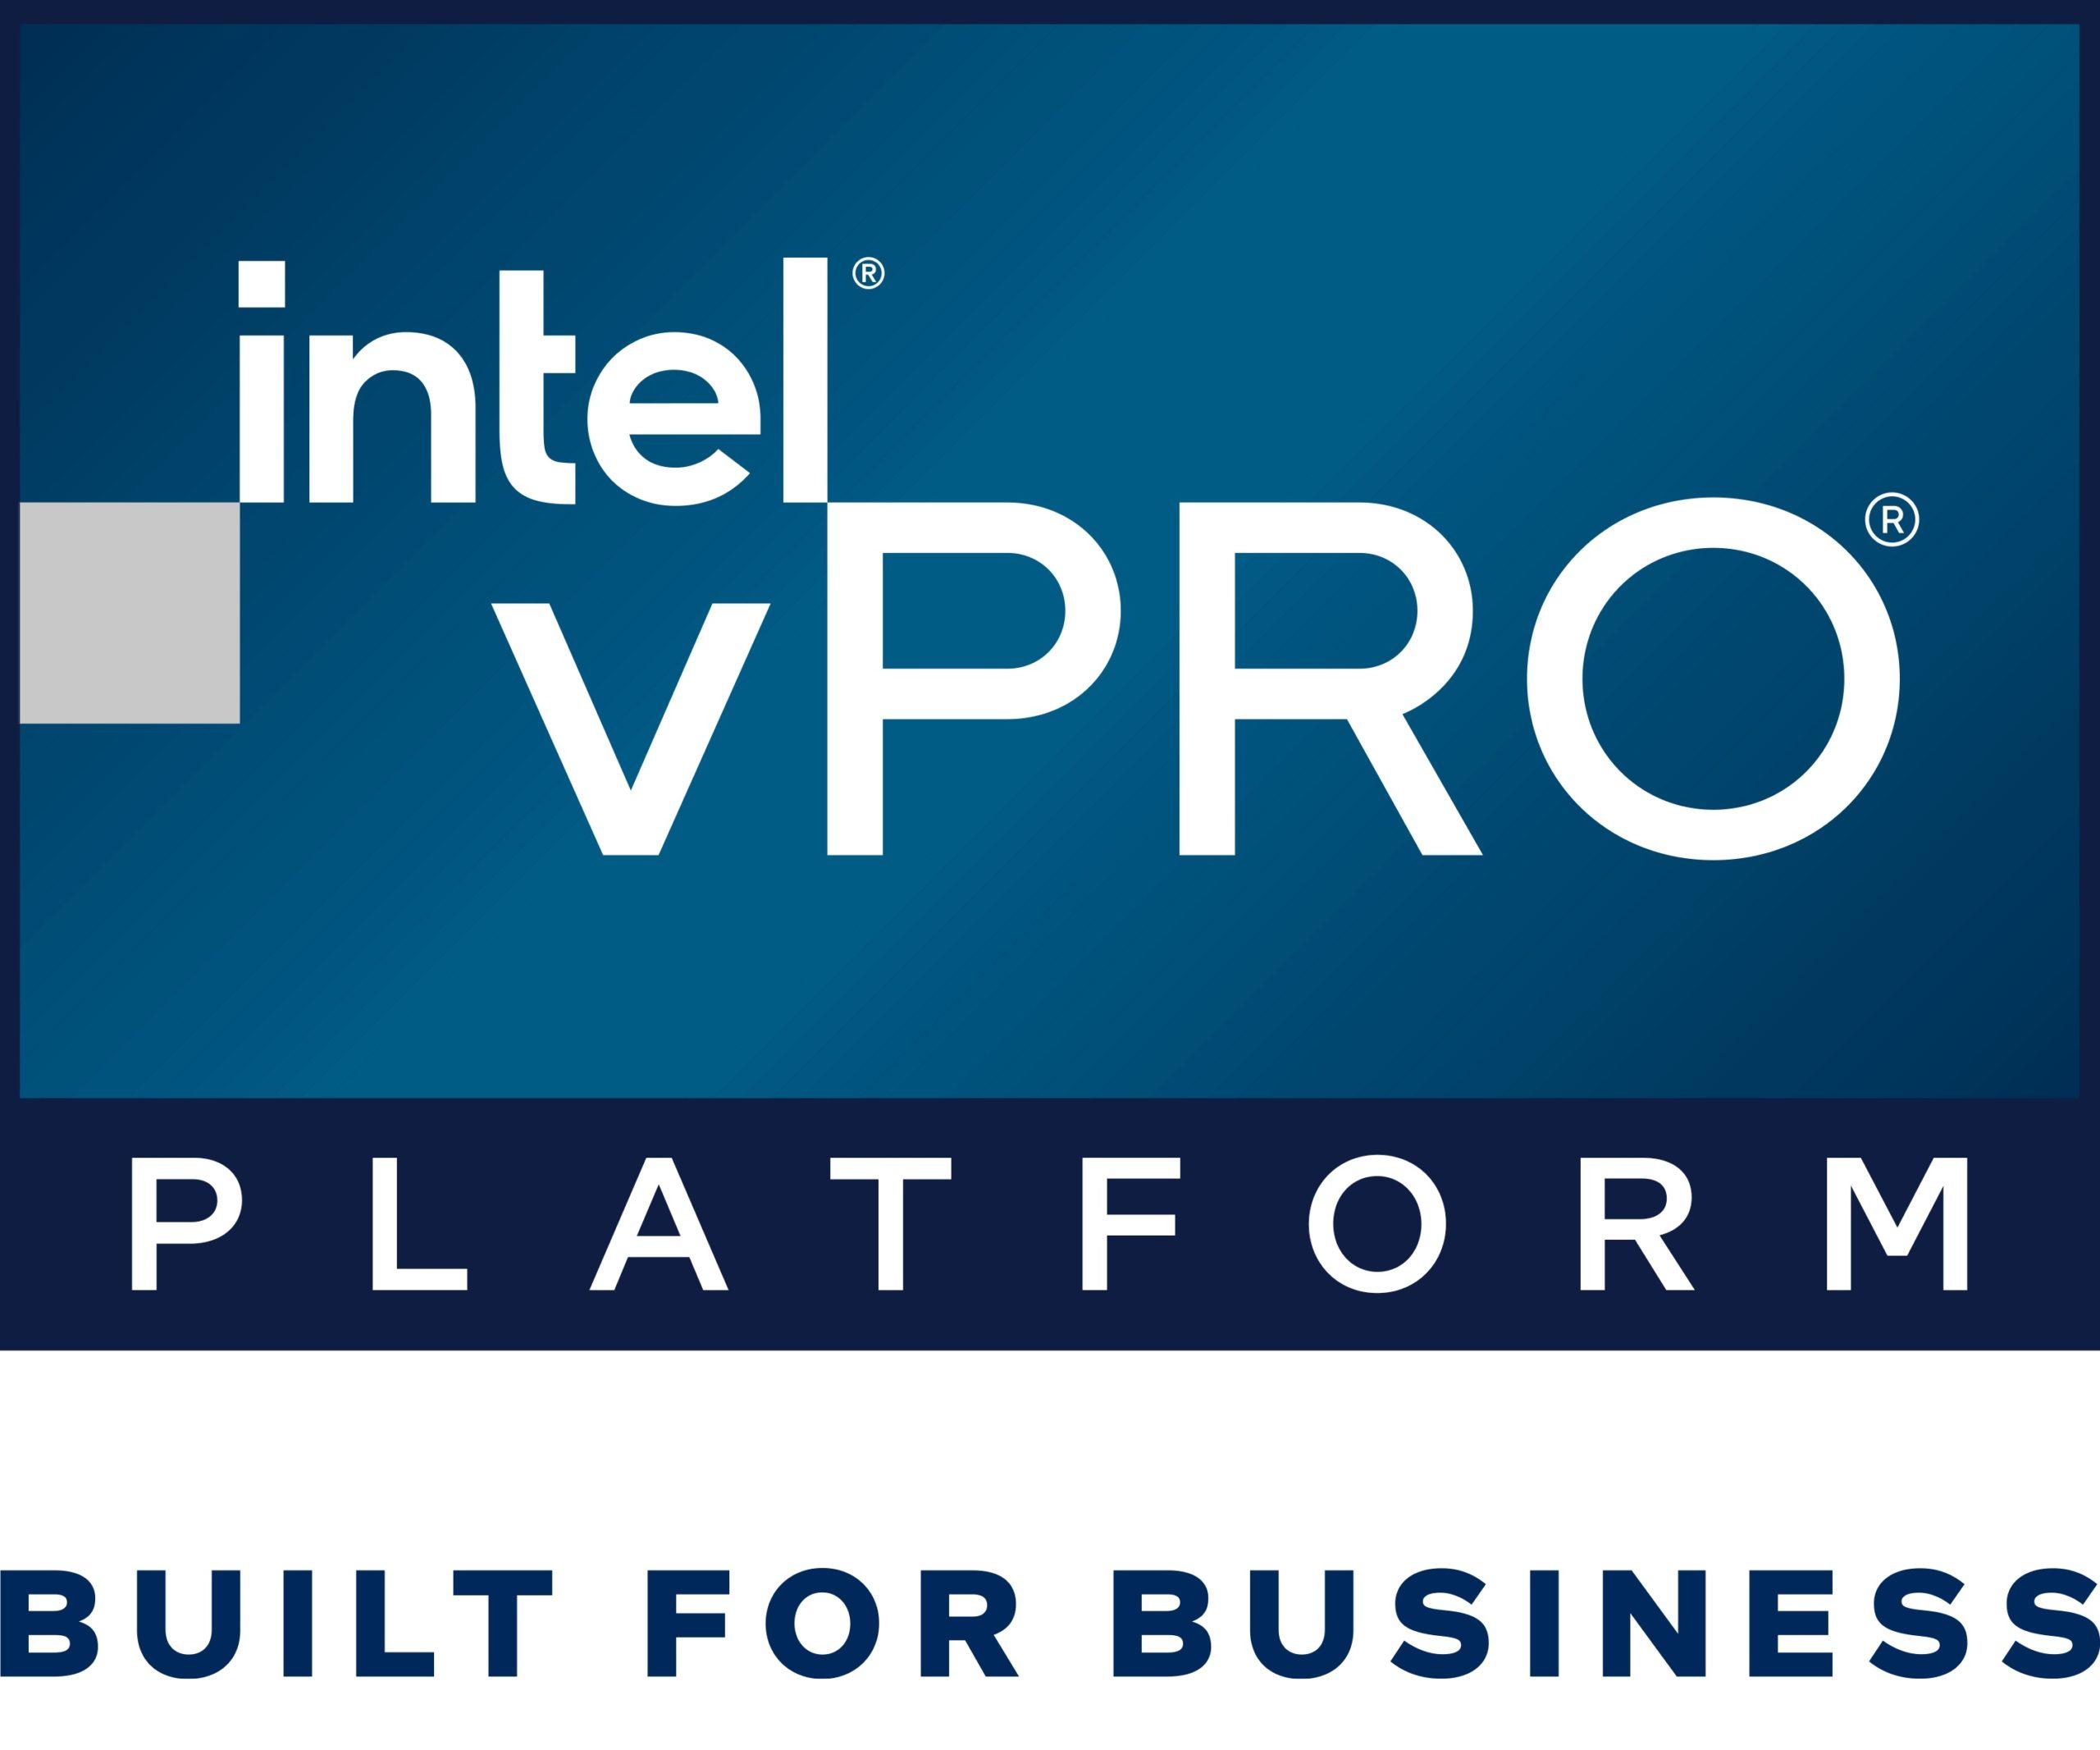 Intel-vPro-platform-tagline